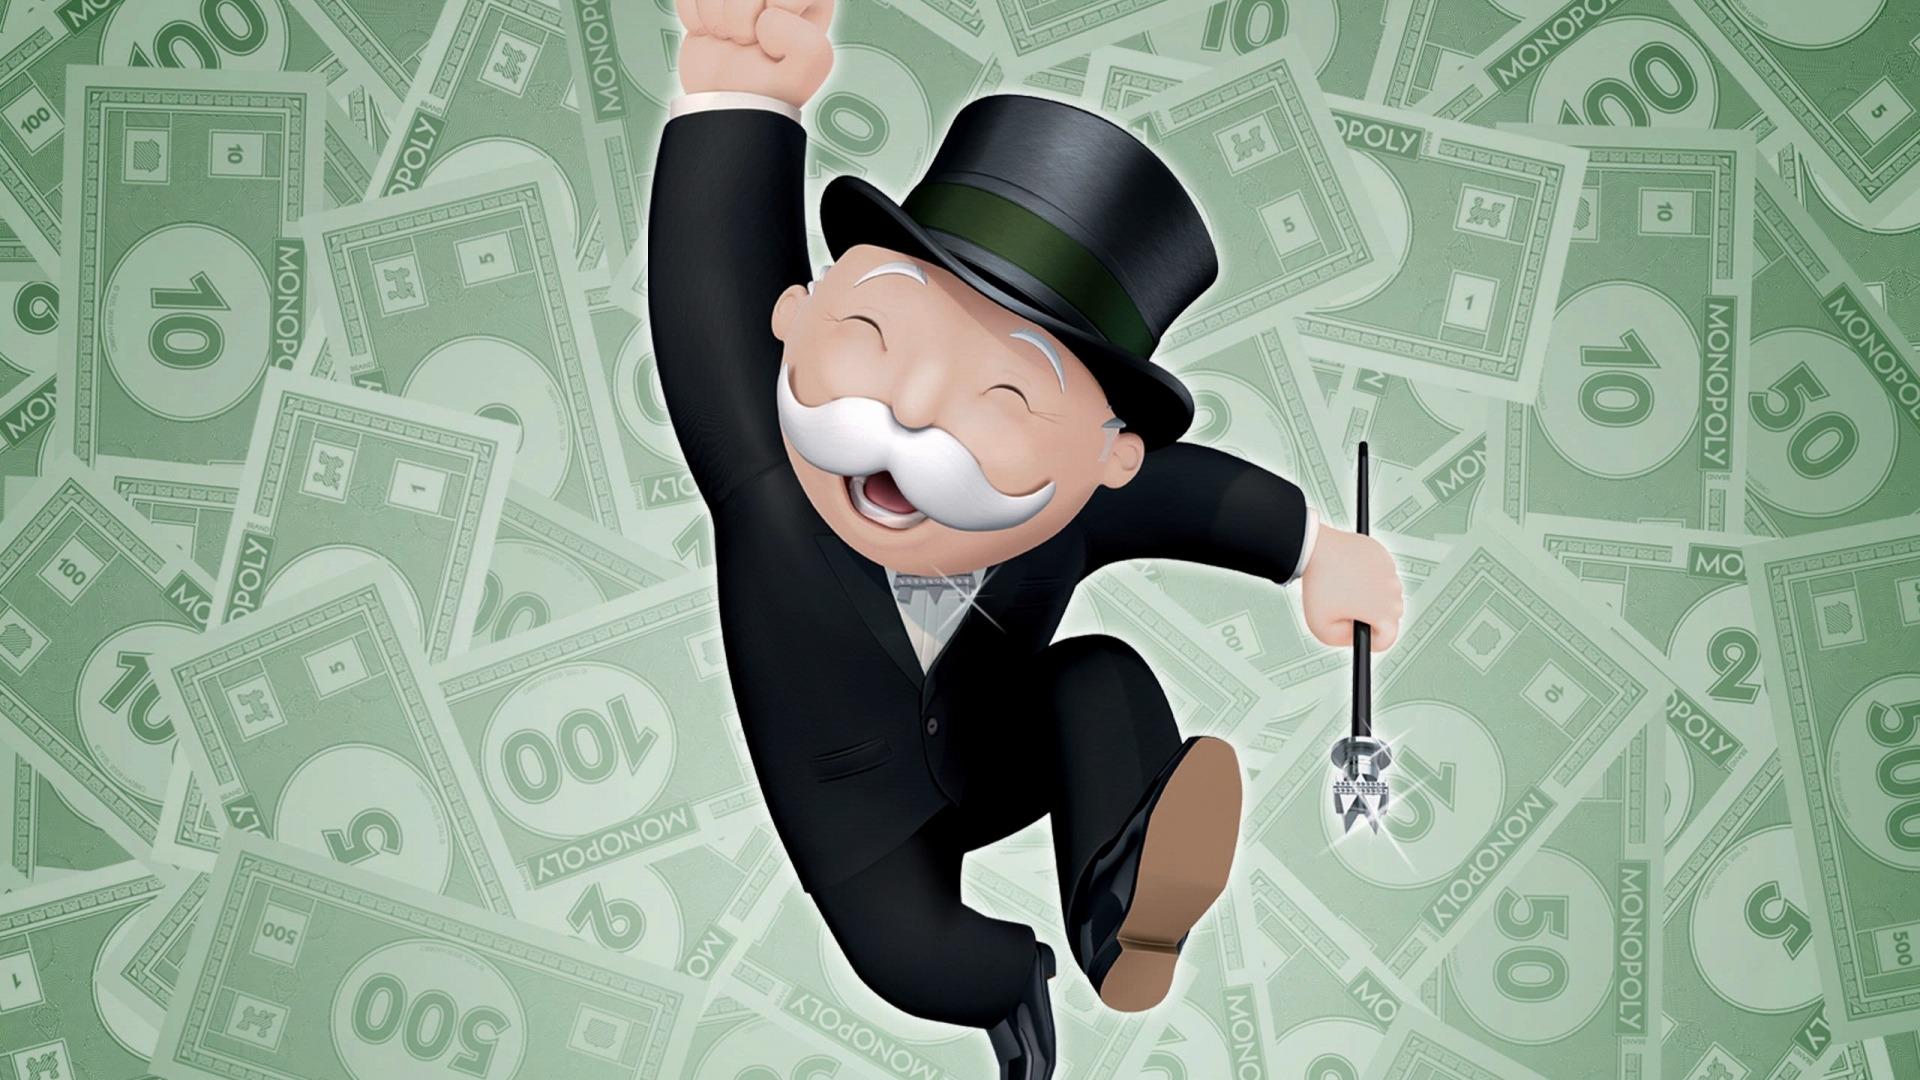 Волшебное путешествие в мир денег